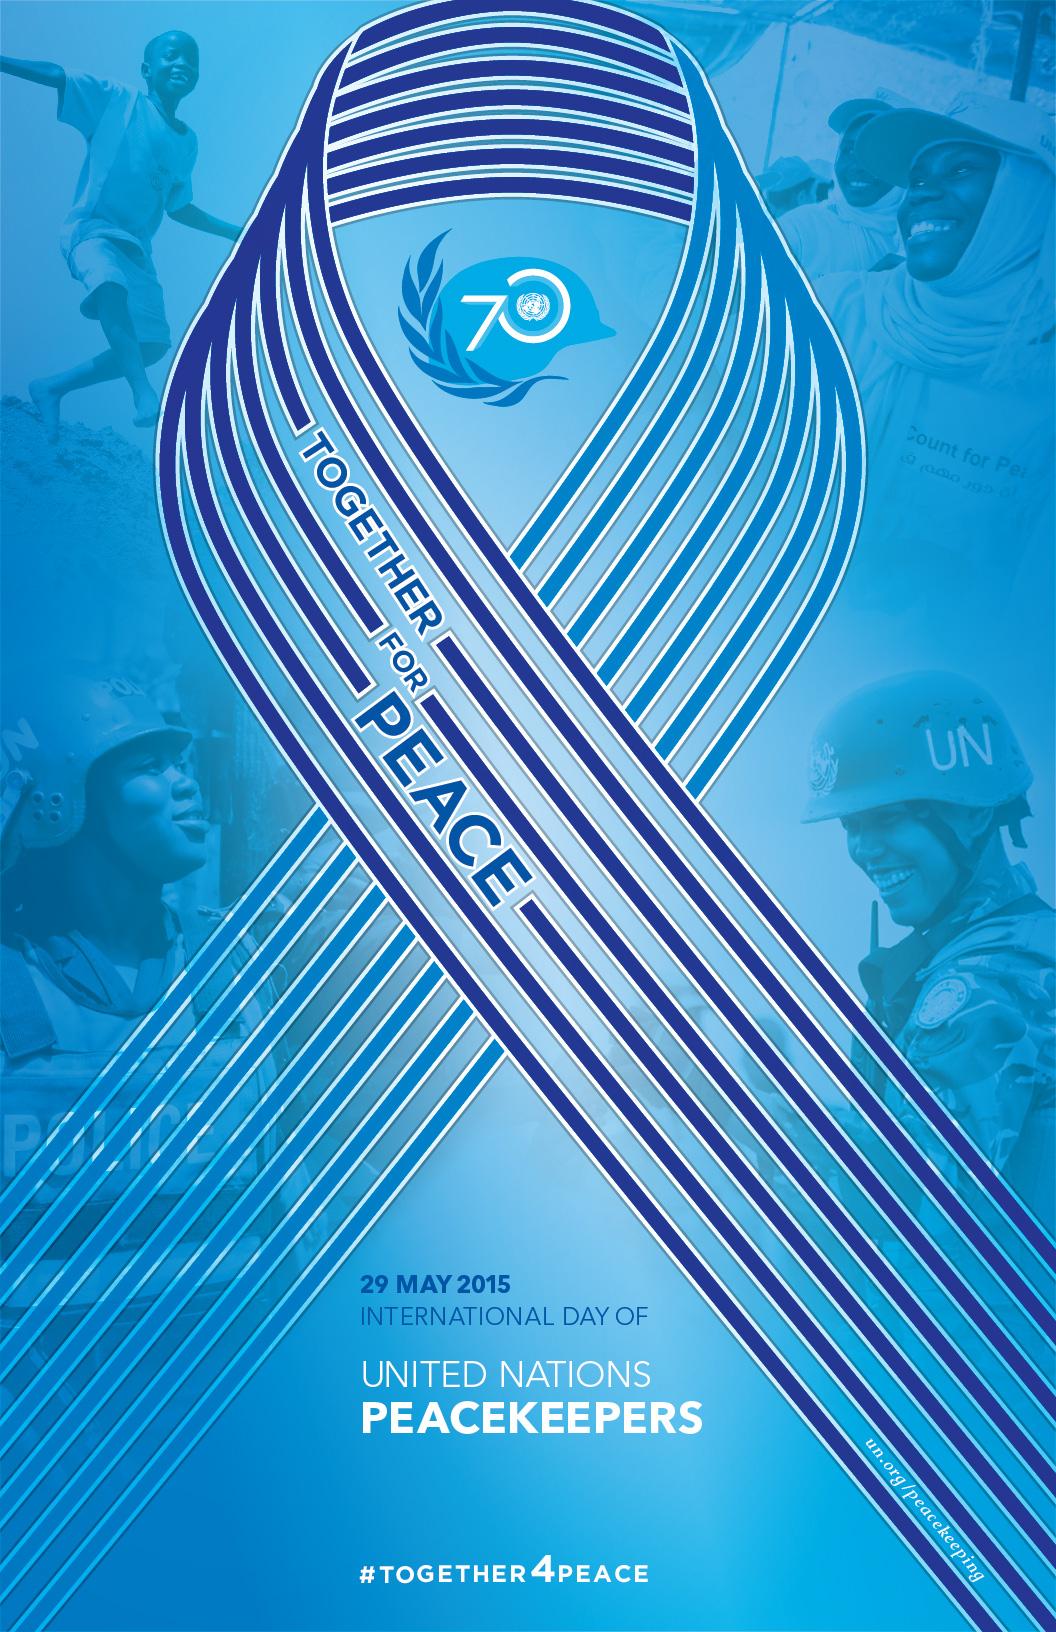 UN_Peacekeeping.jpg